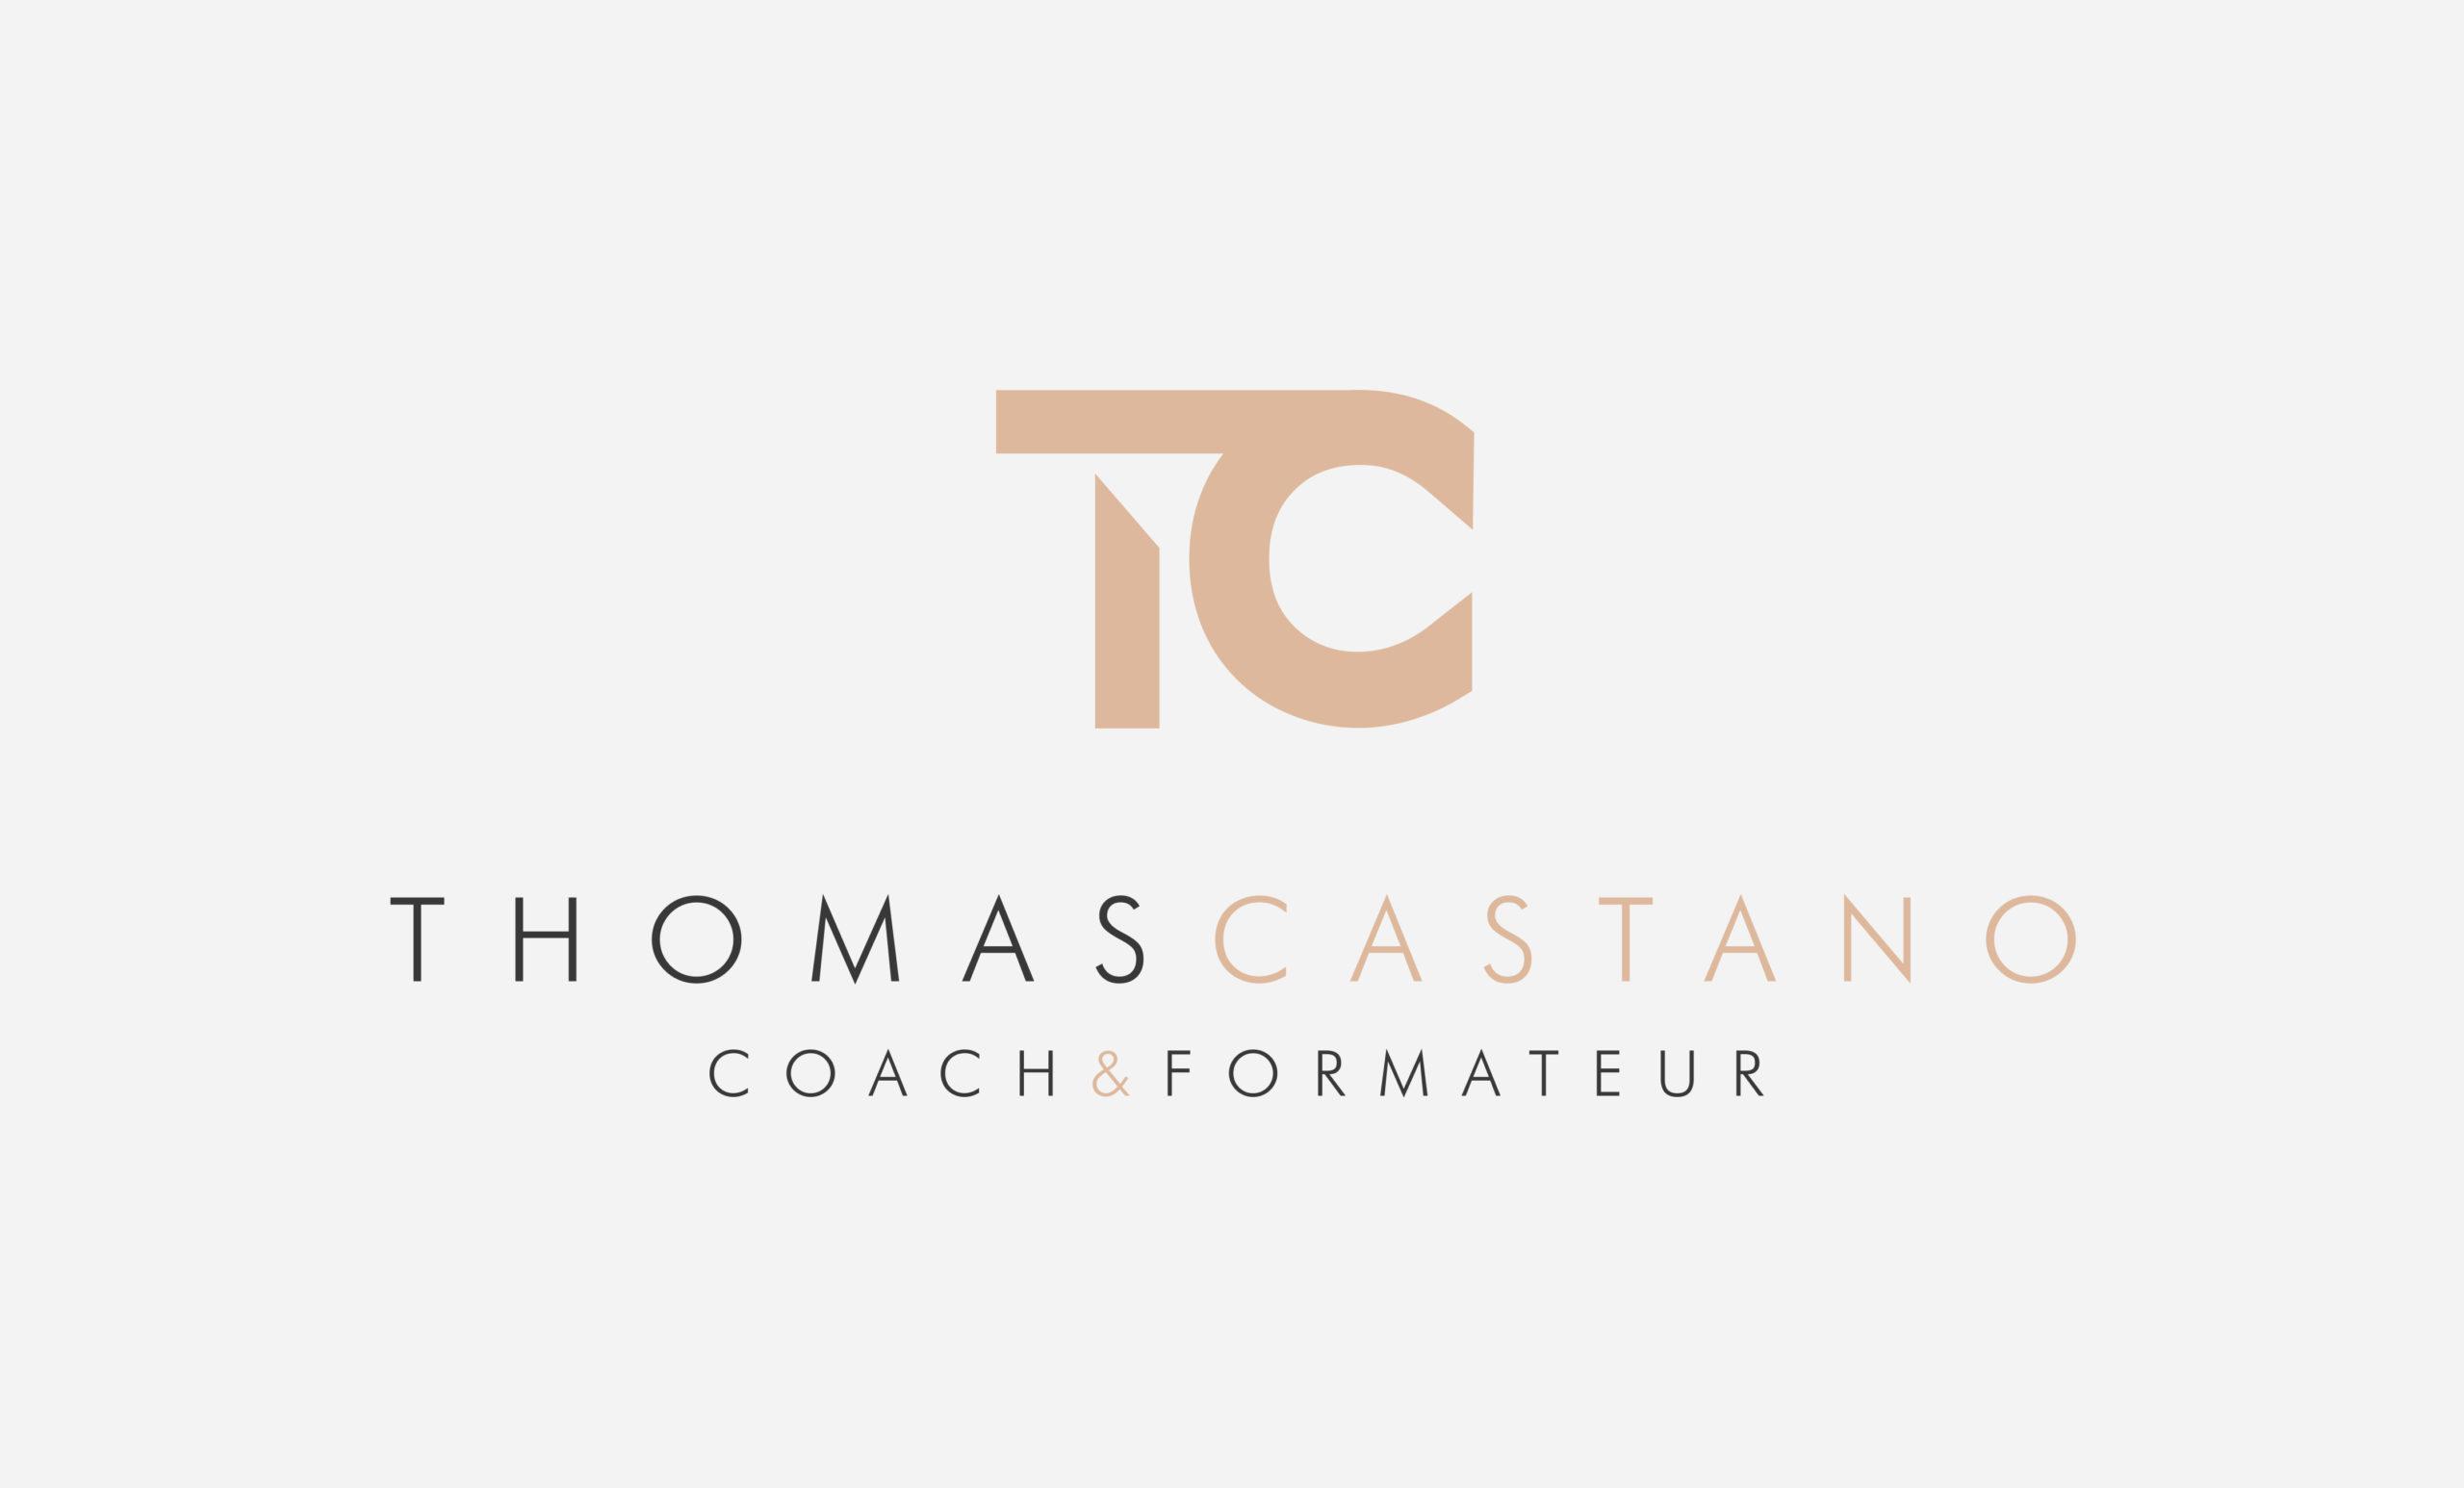 logo-thomas-castano